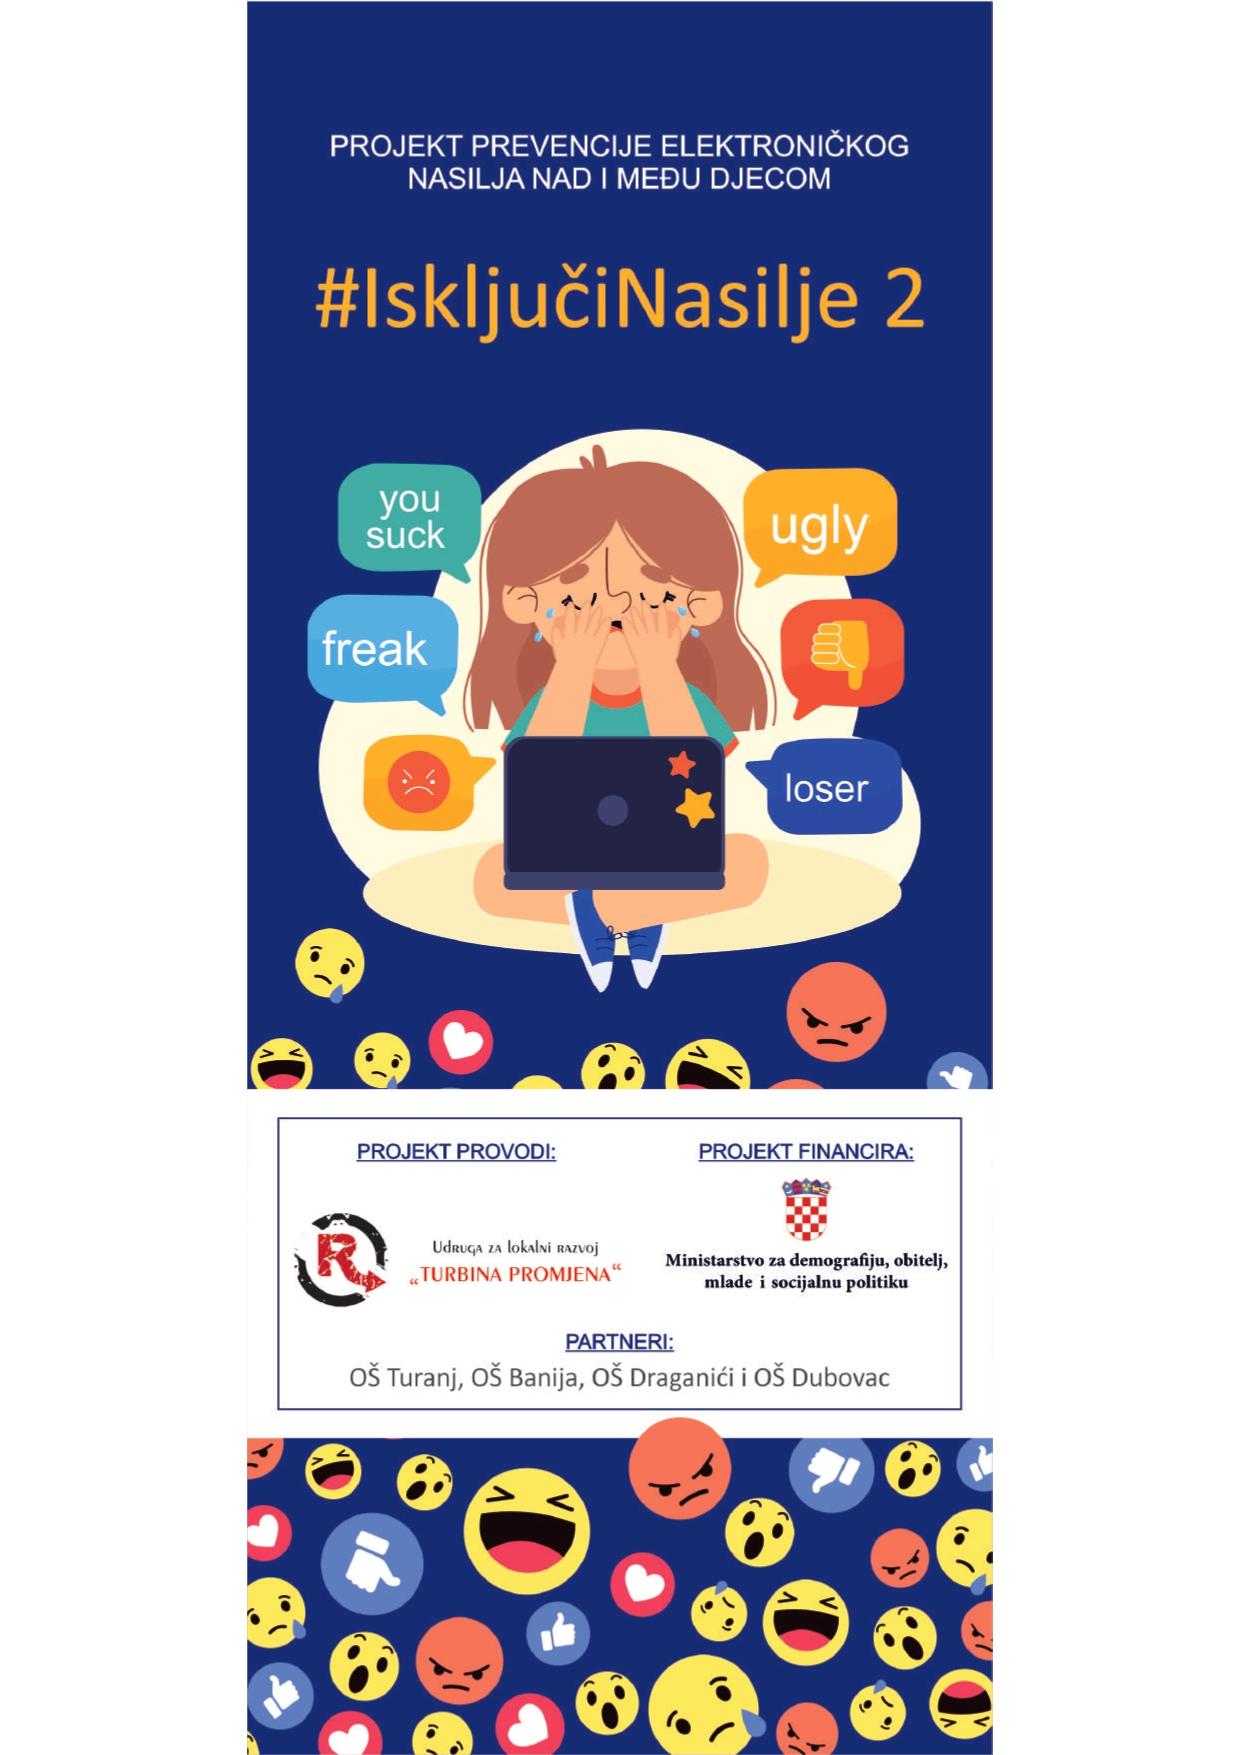 """Završetak Projekta prevencije elektroničkog nasilja nad i među djecom """"#IsključiNasilje 2"""""""